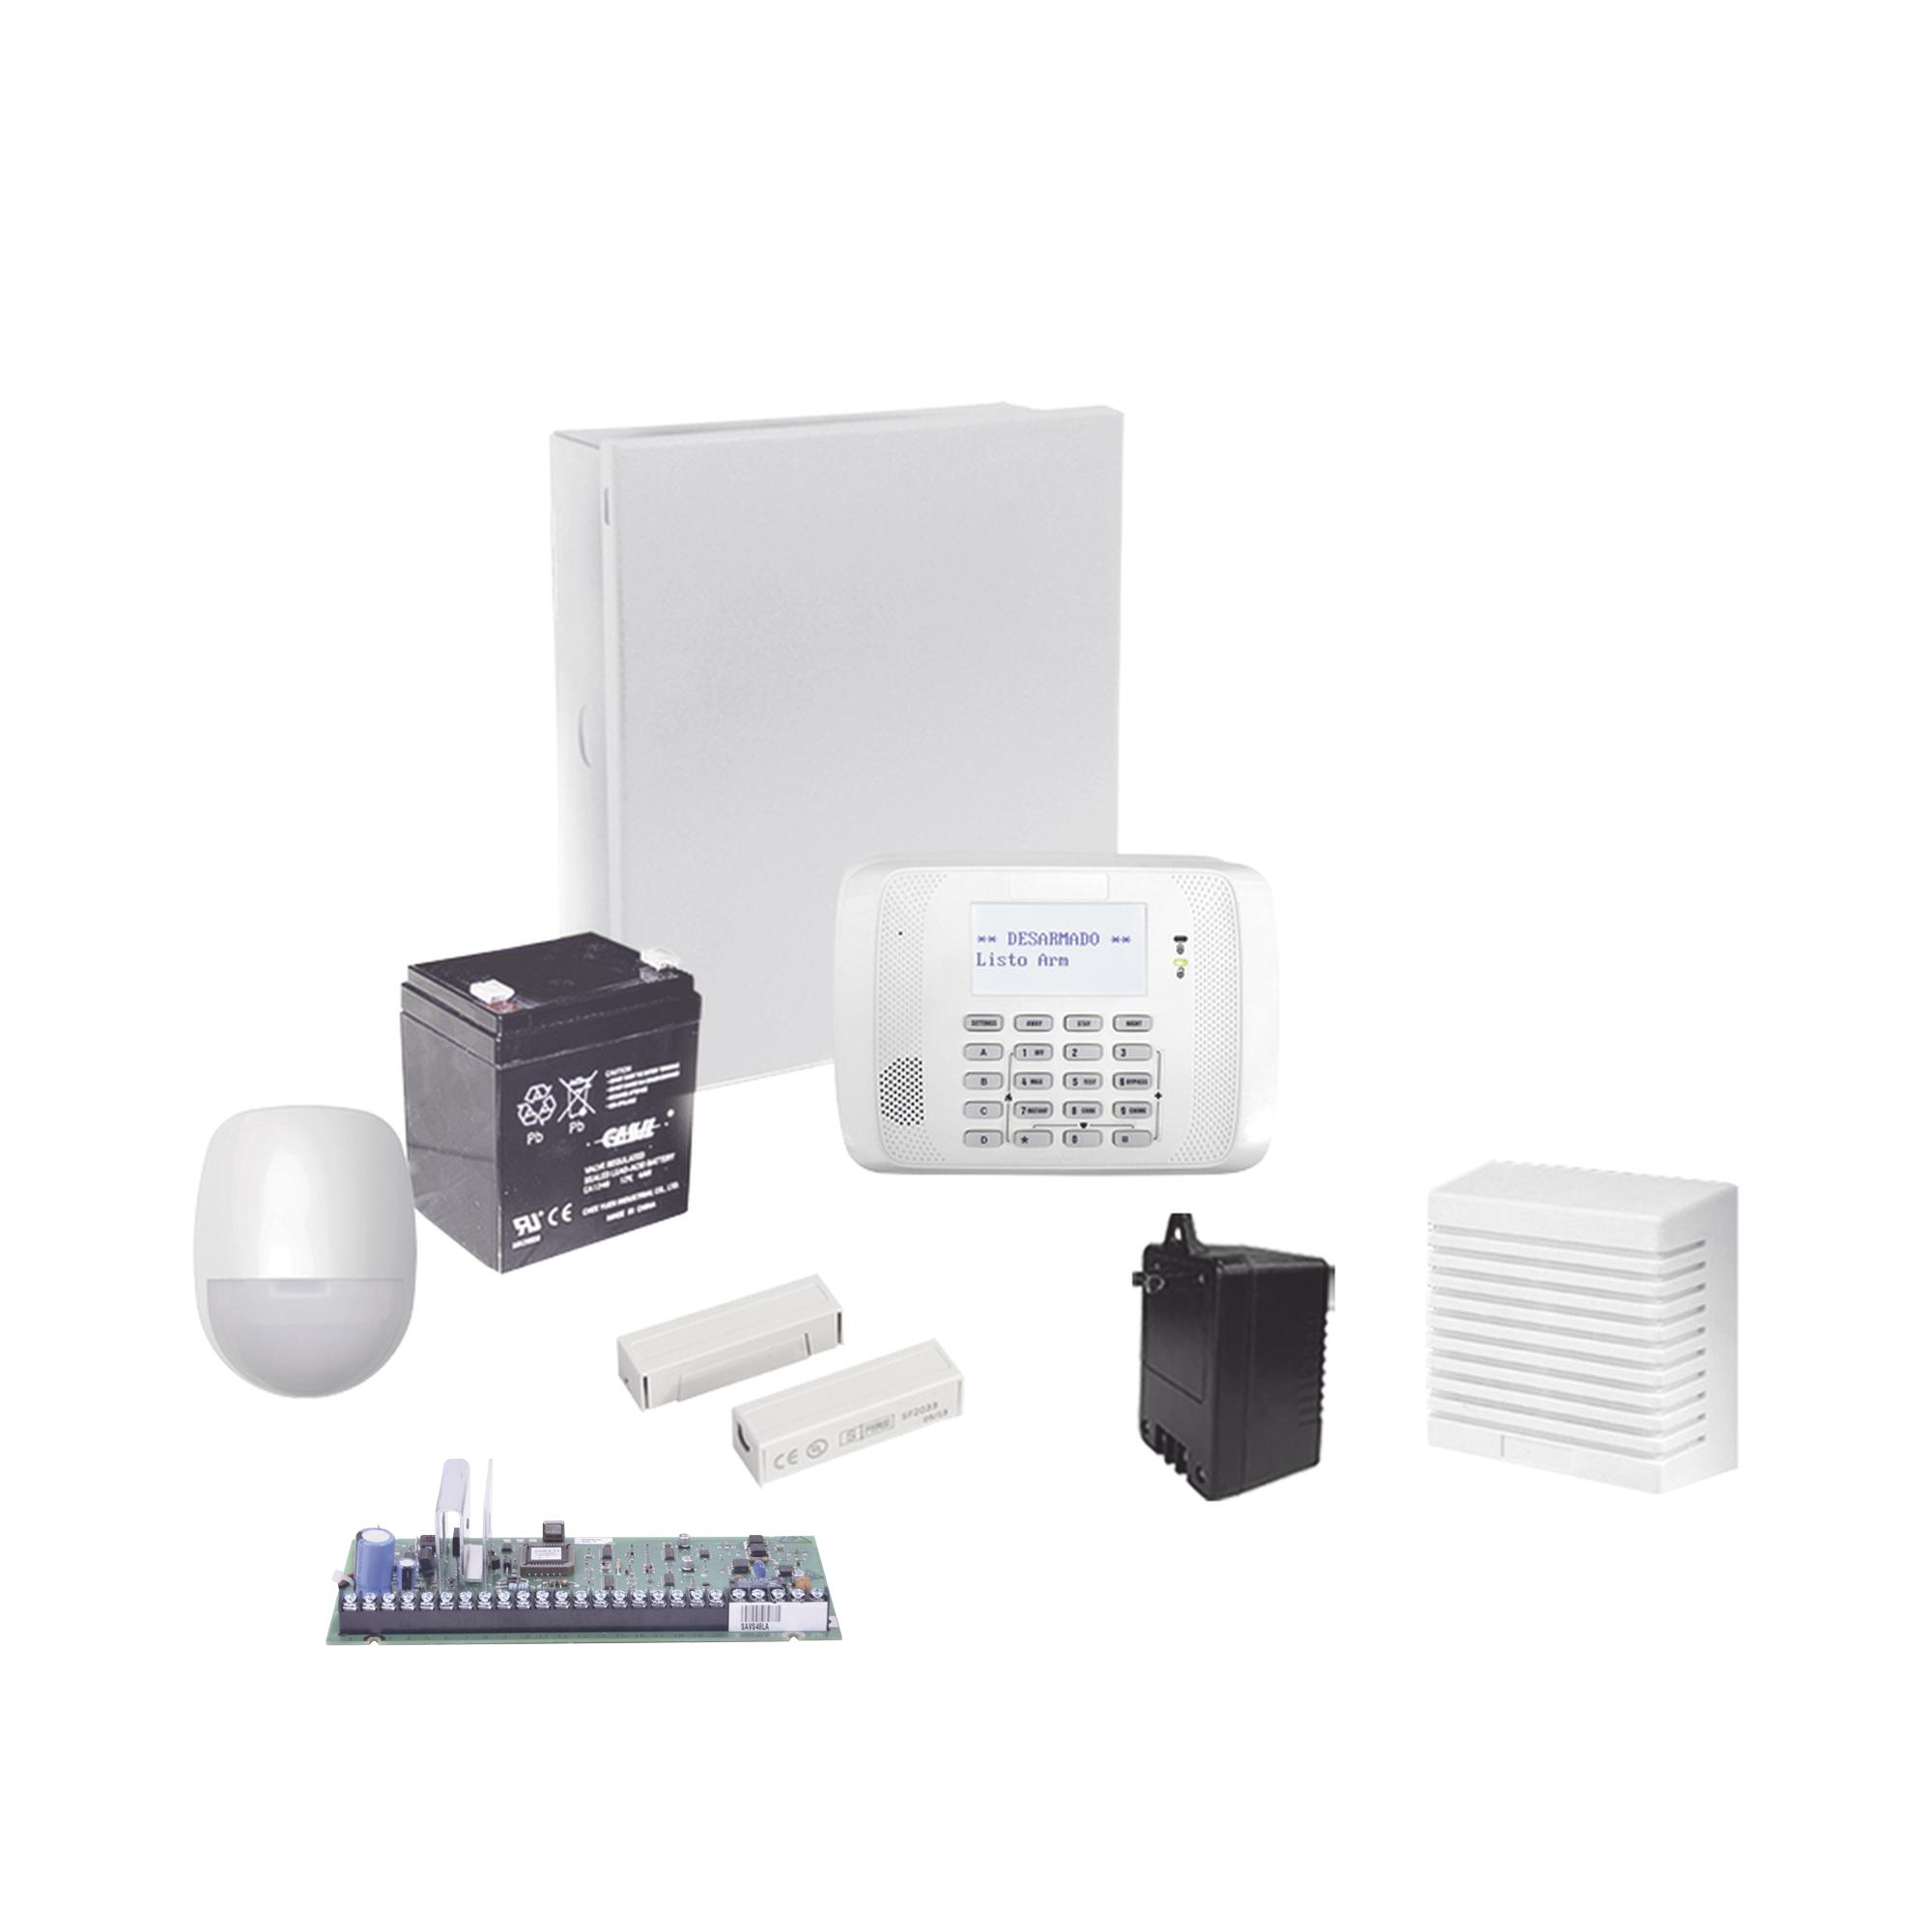 Sistema de Alarma Cableado con Sensores de Movimiento, Contactos de Puerta o Ventana y Sirena